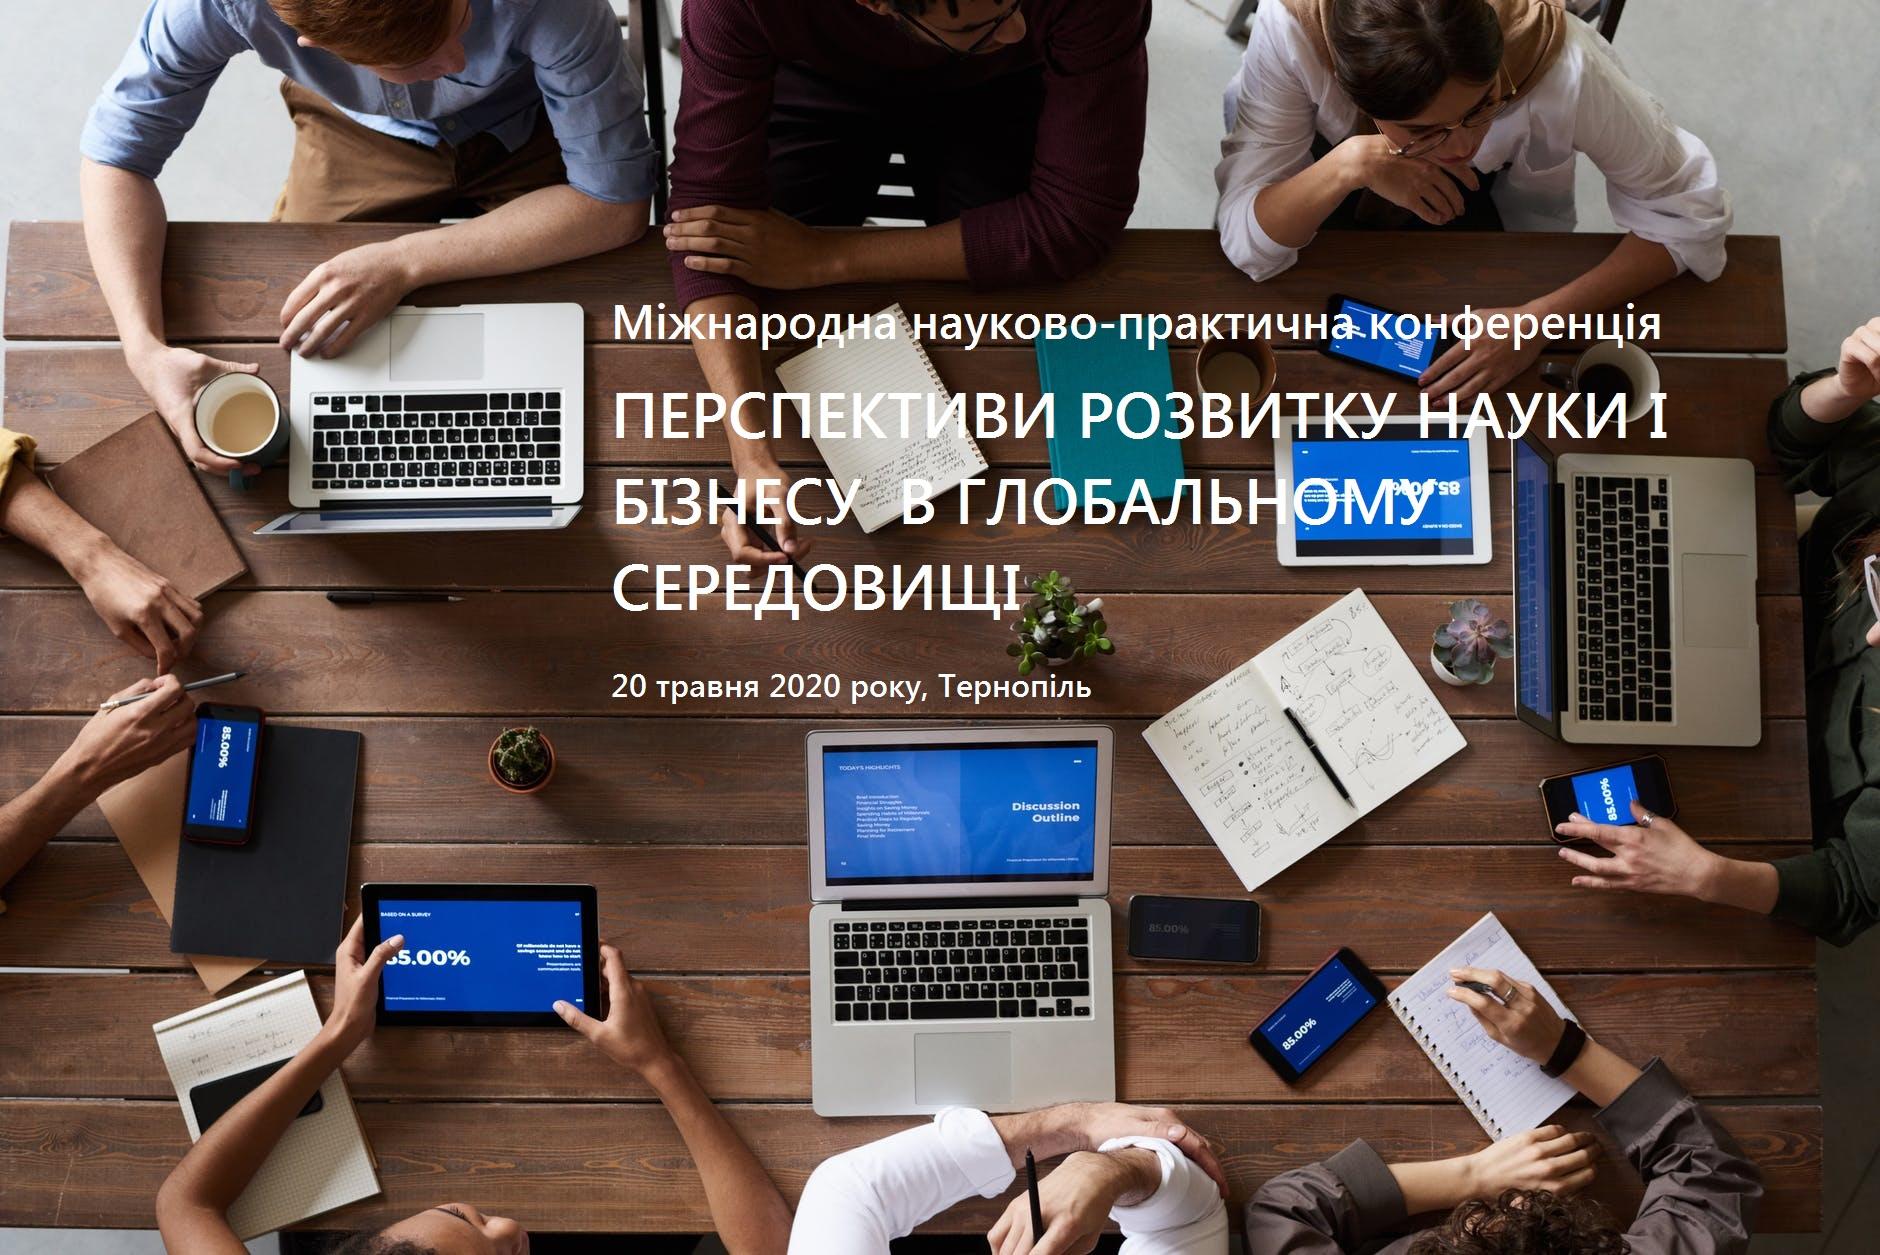 Запрошуємо Вас взяти участь у роботі  Міжнародної науково-практичної конференції